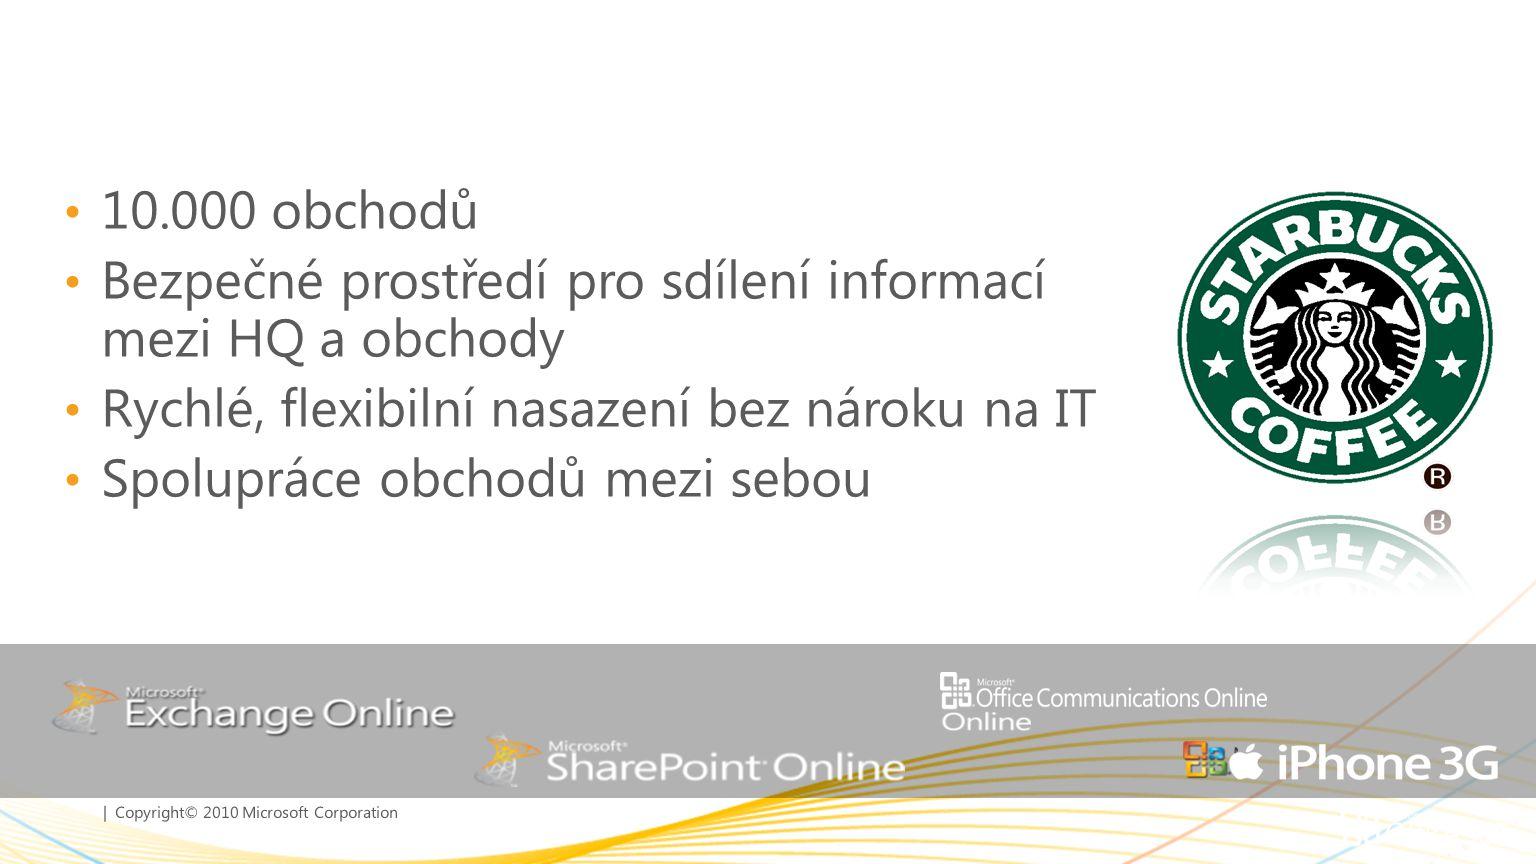 Bezpečné prostředí pro sdílení informací mezi HQ a obchody